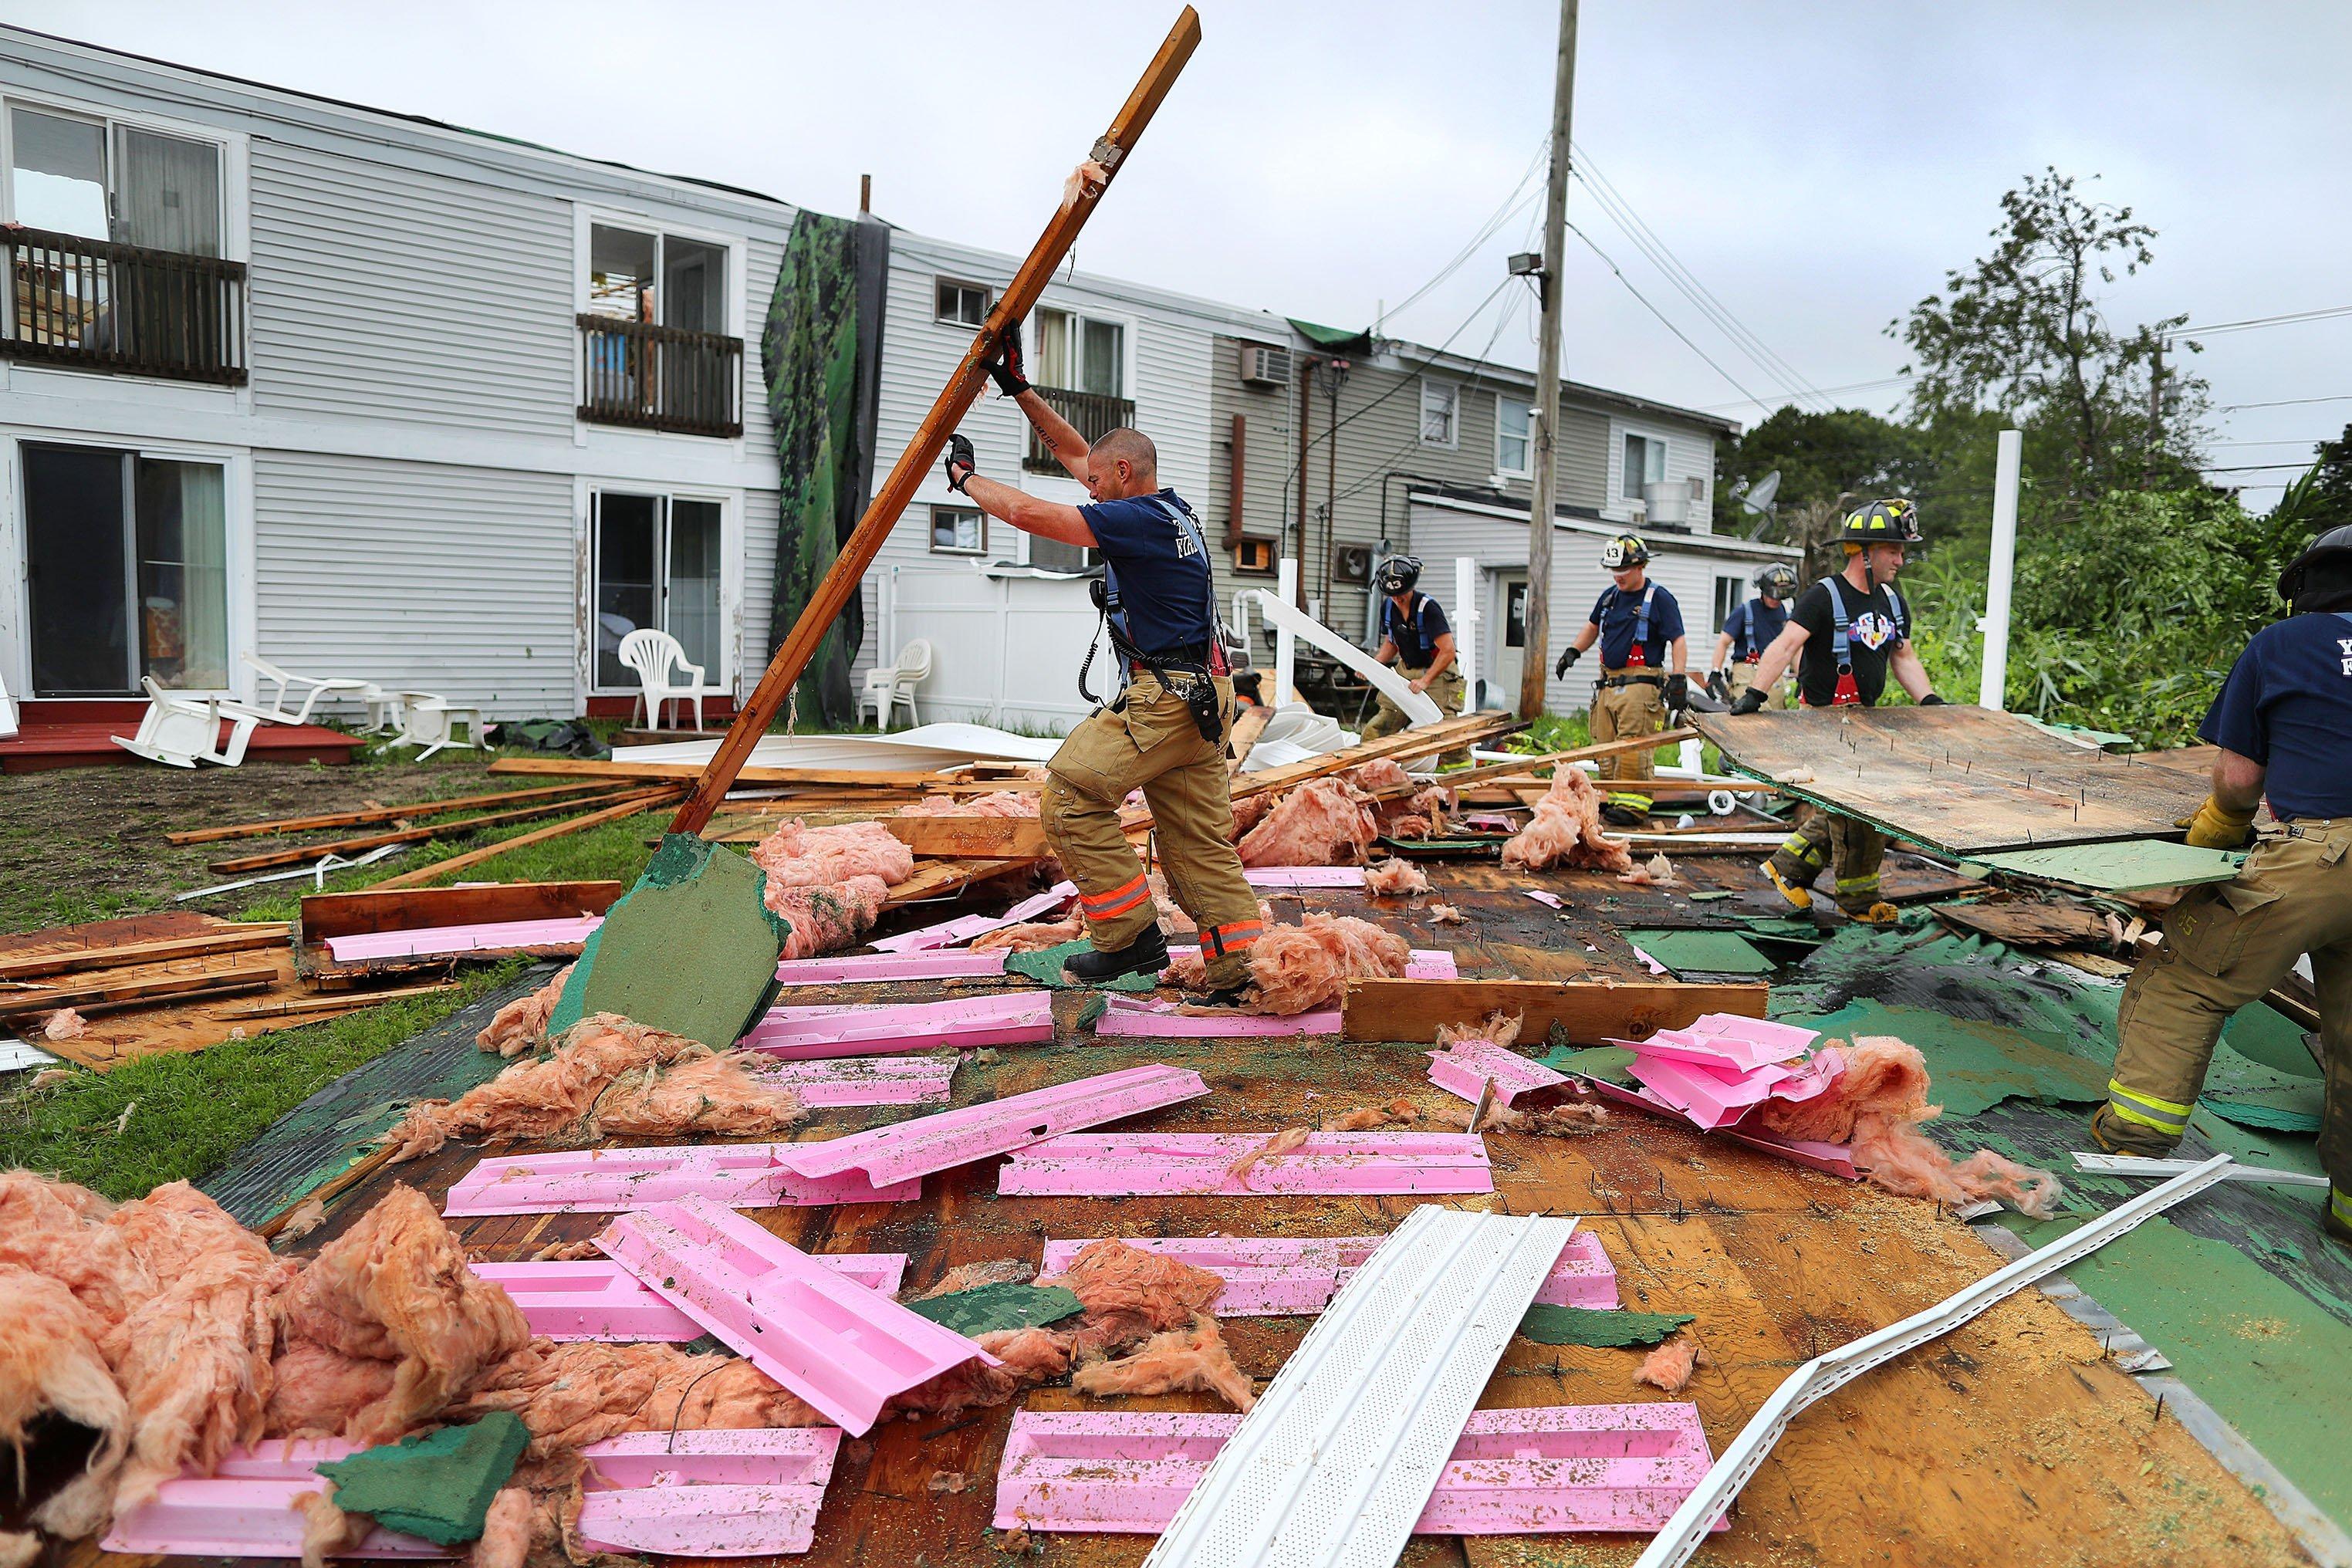 Cape Cod hit by rare tornado